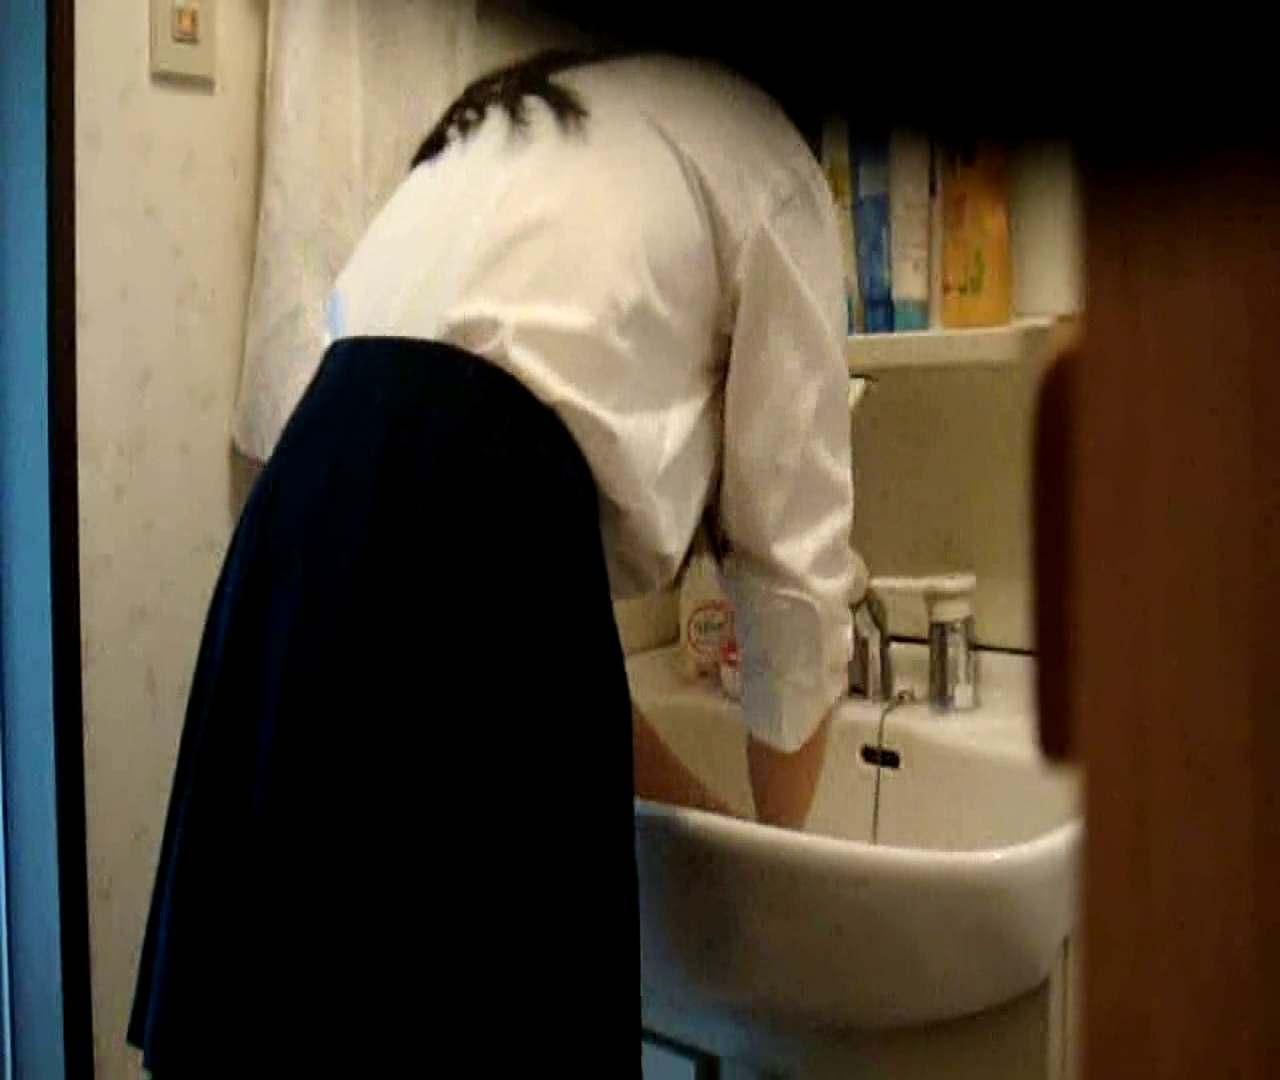 二人とも育てた甲斐がありました… vol.05 まどかが洗顔後にブラを洗濯 盗撮シリーズ | おまんこ見放題  79PIX 57